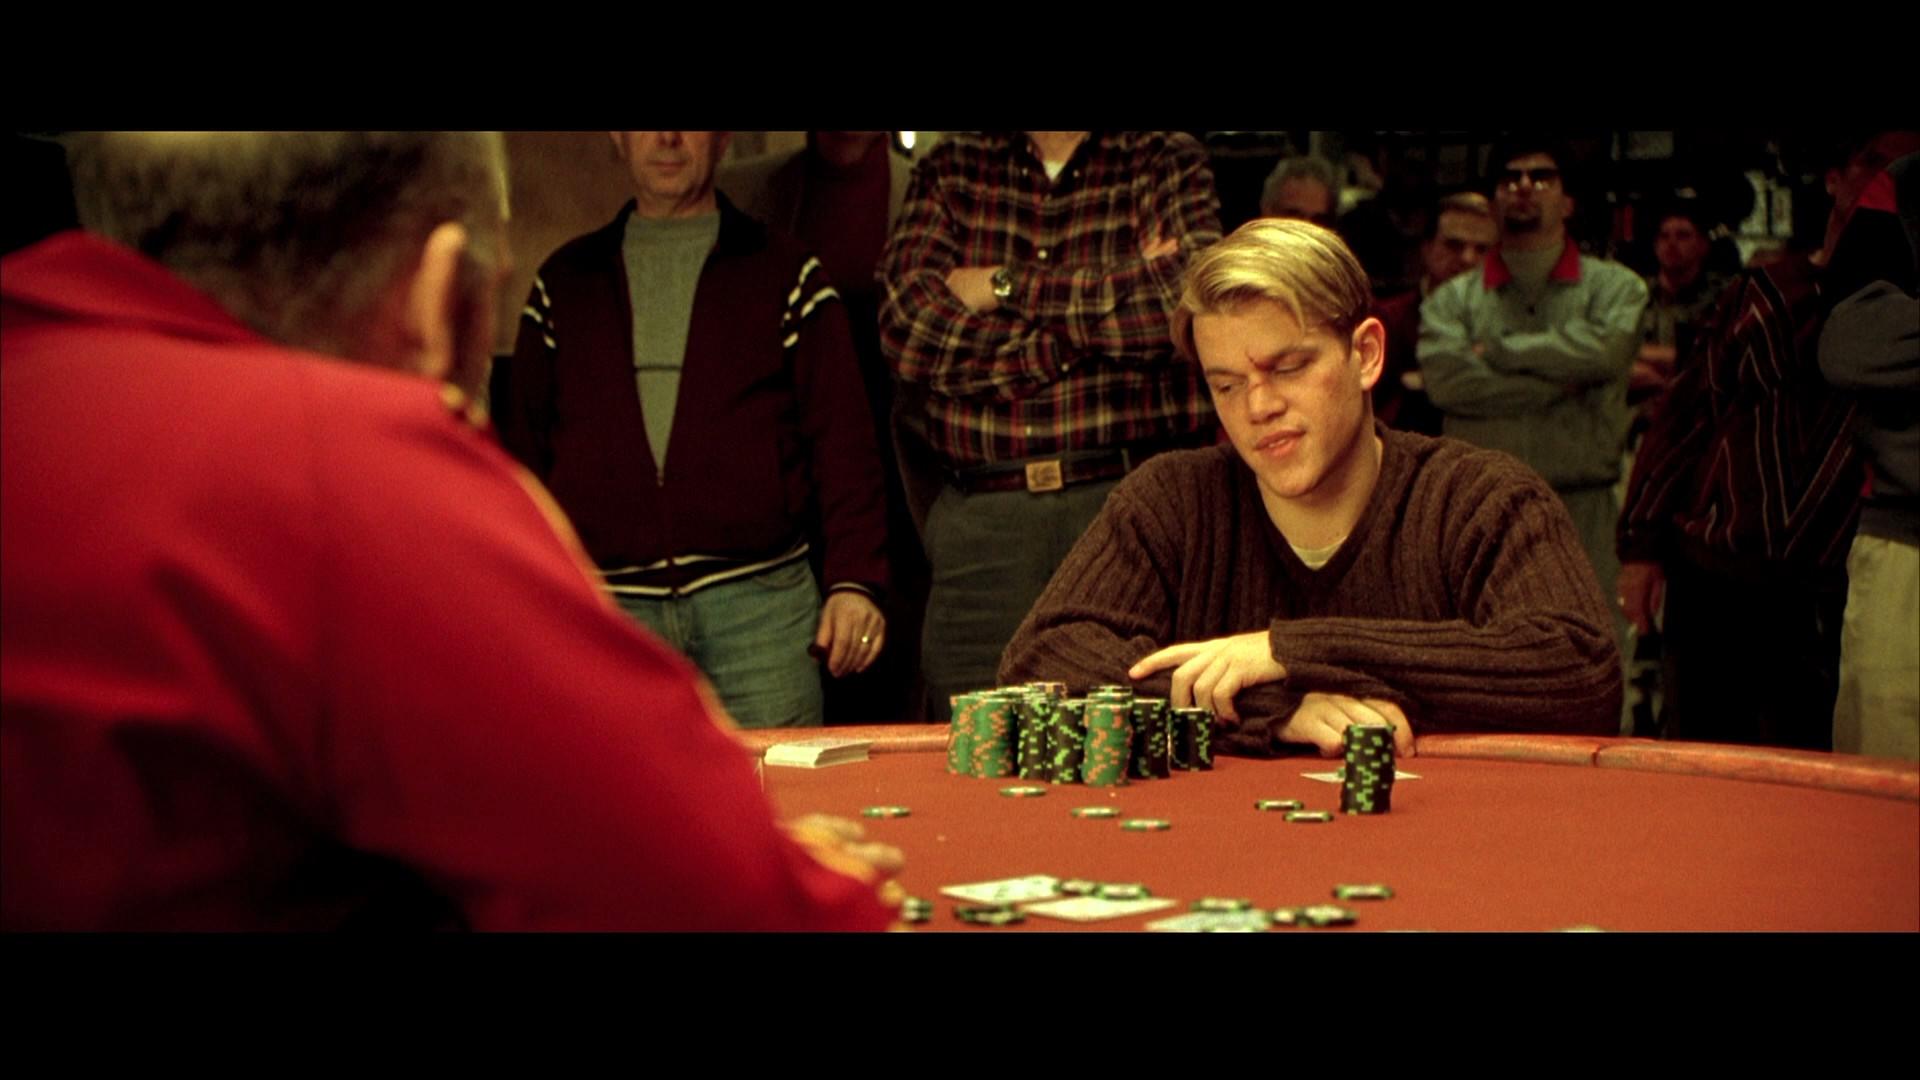 Matt Damon Large%20rounders%20blu-ray%207